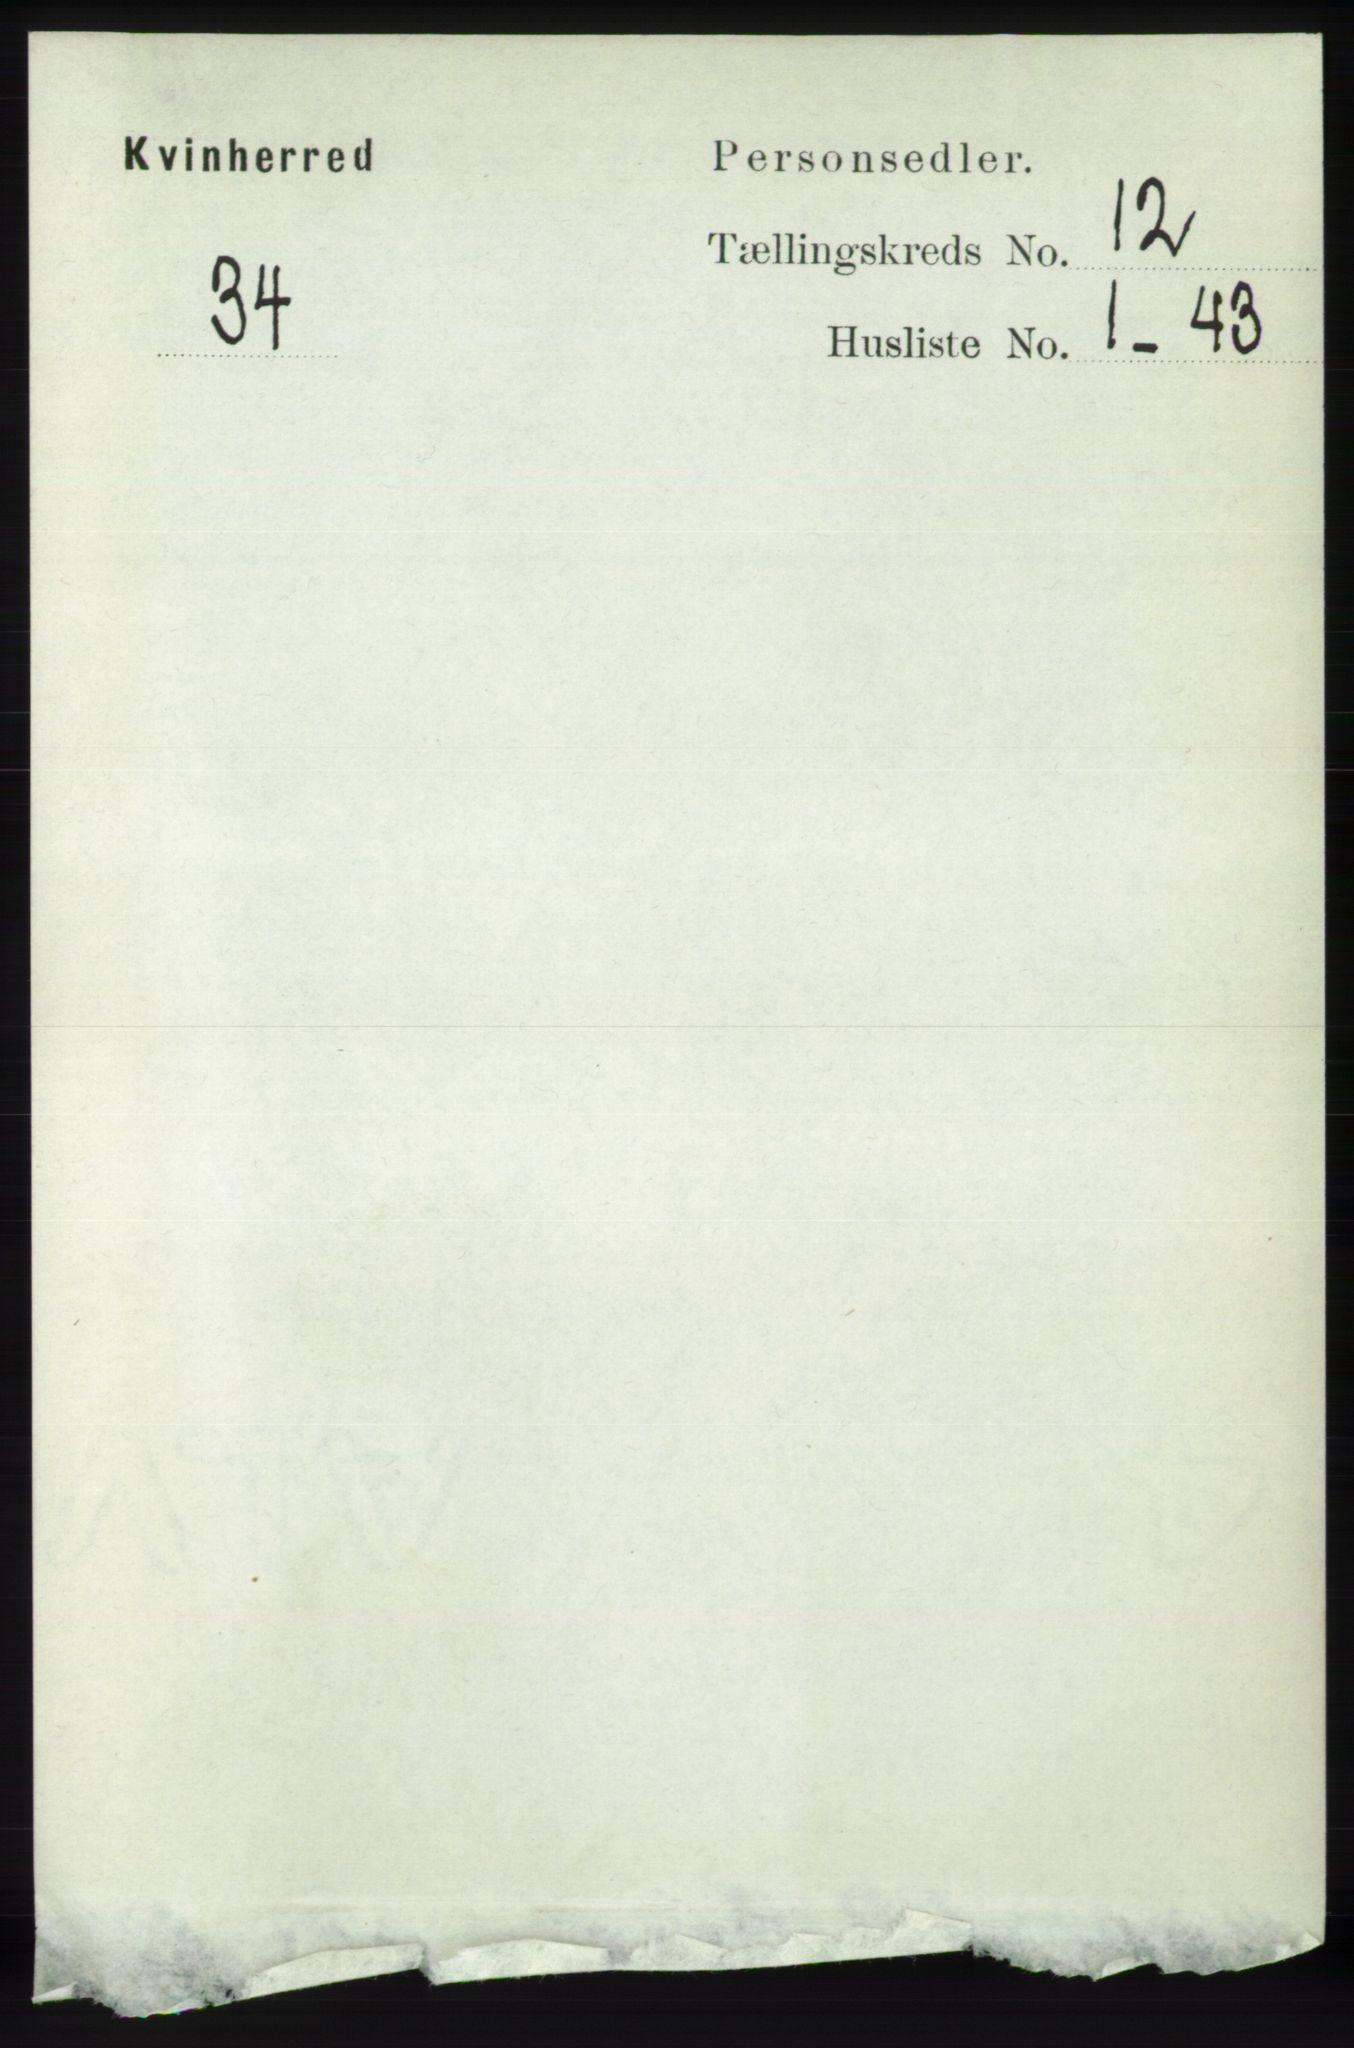 RA, Folketelling 1891 for 1224 Kvinnherad herred, 1891, s. 3964